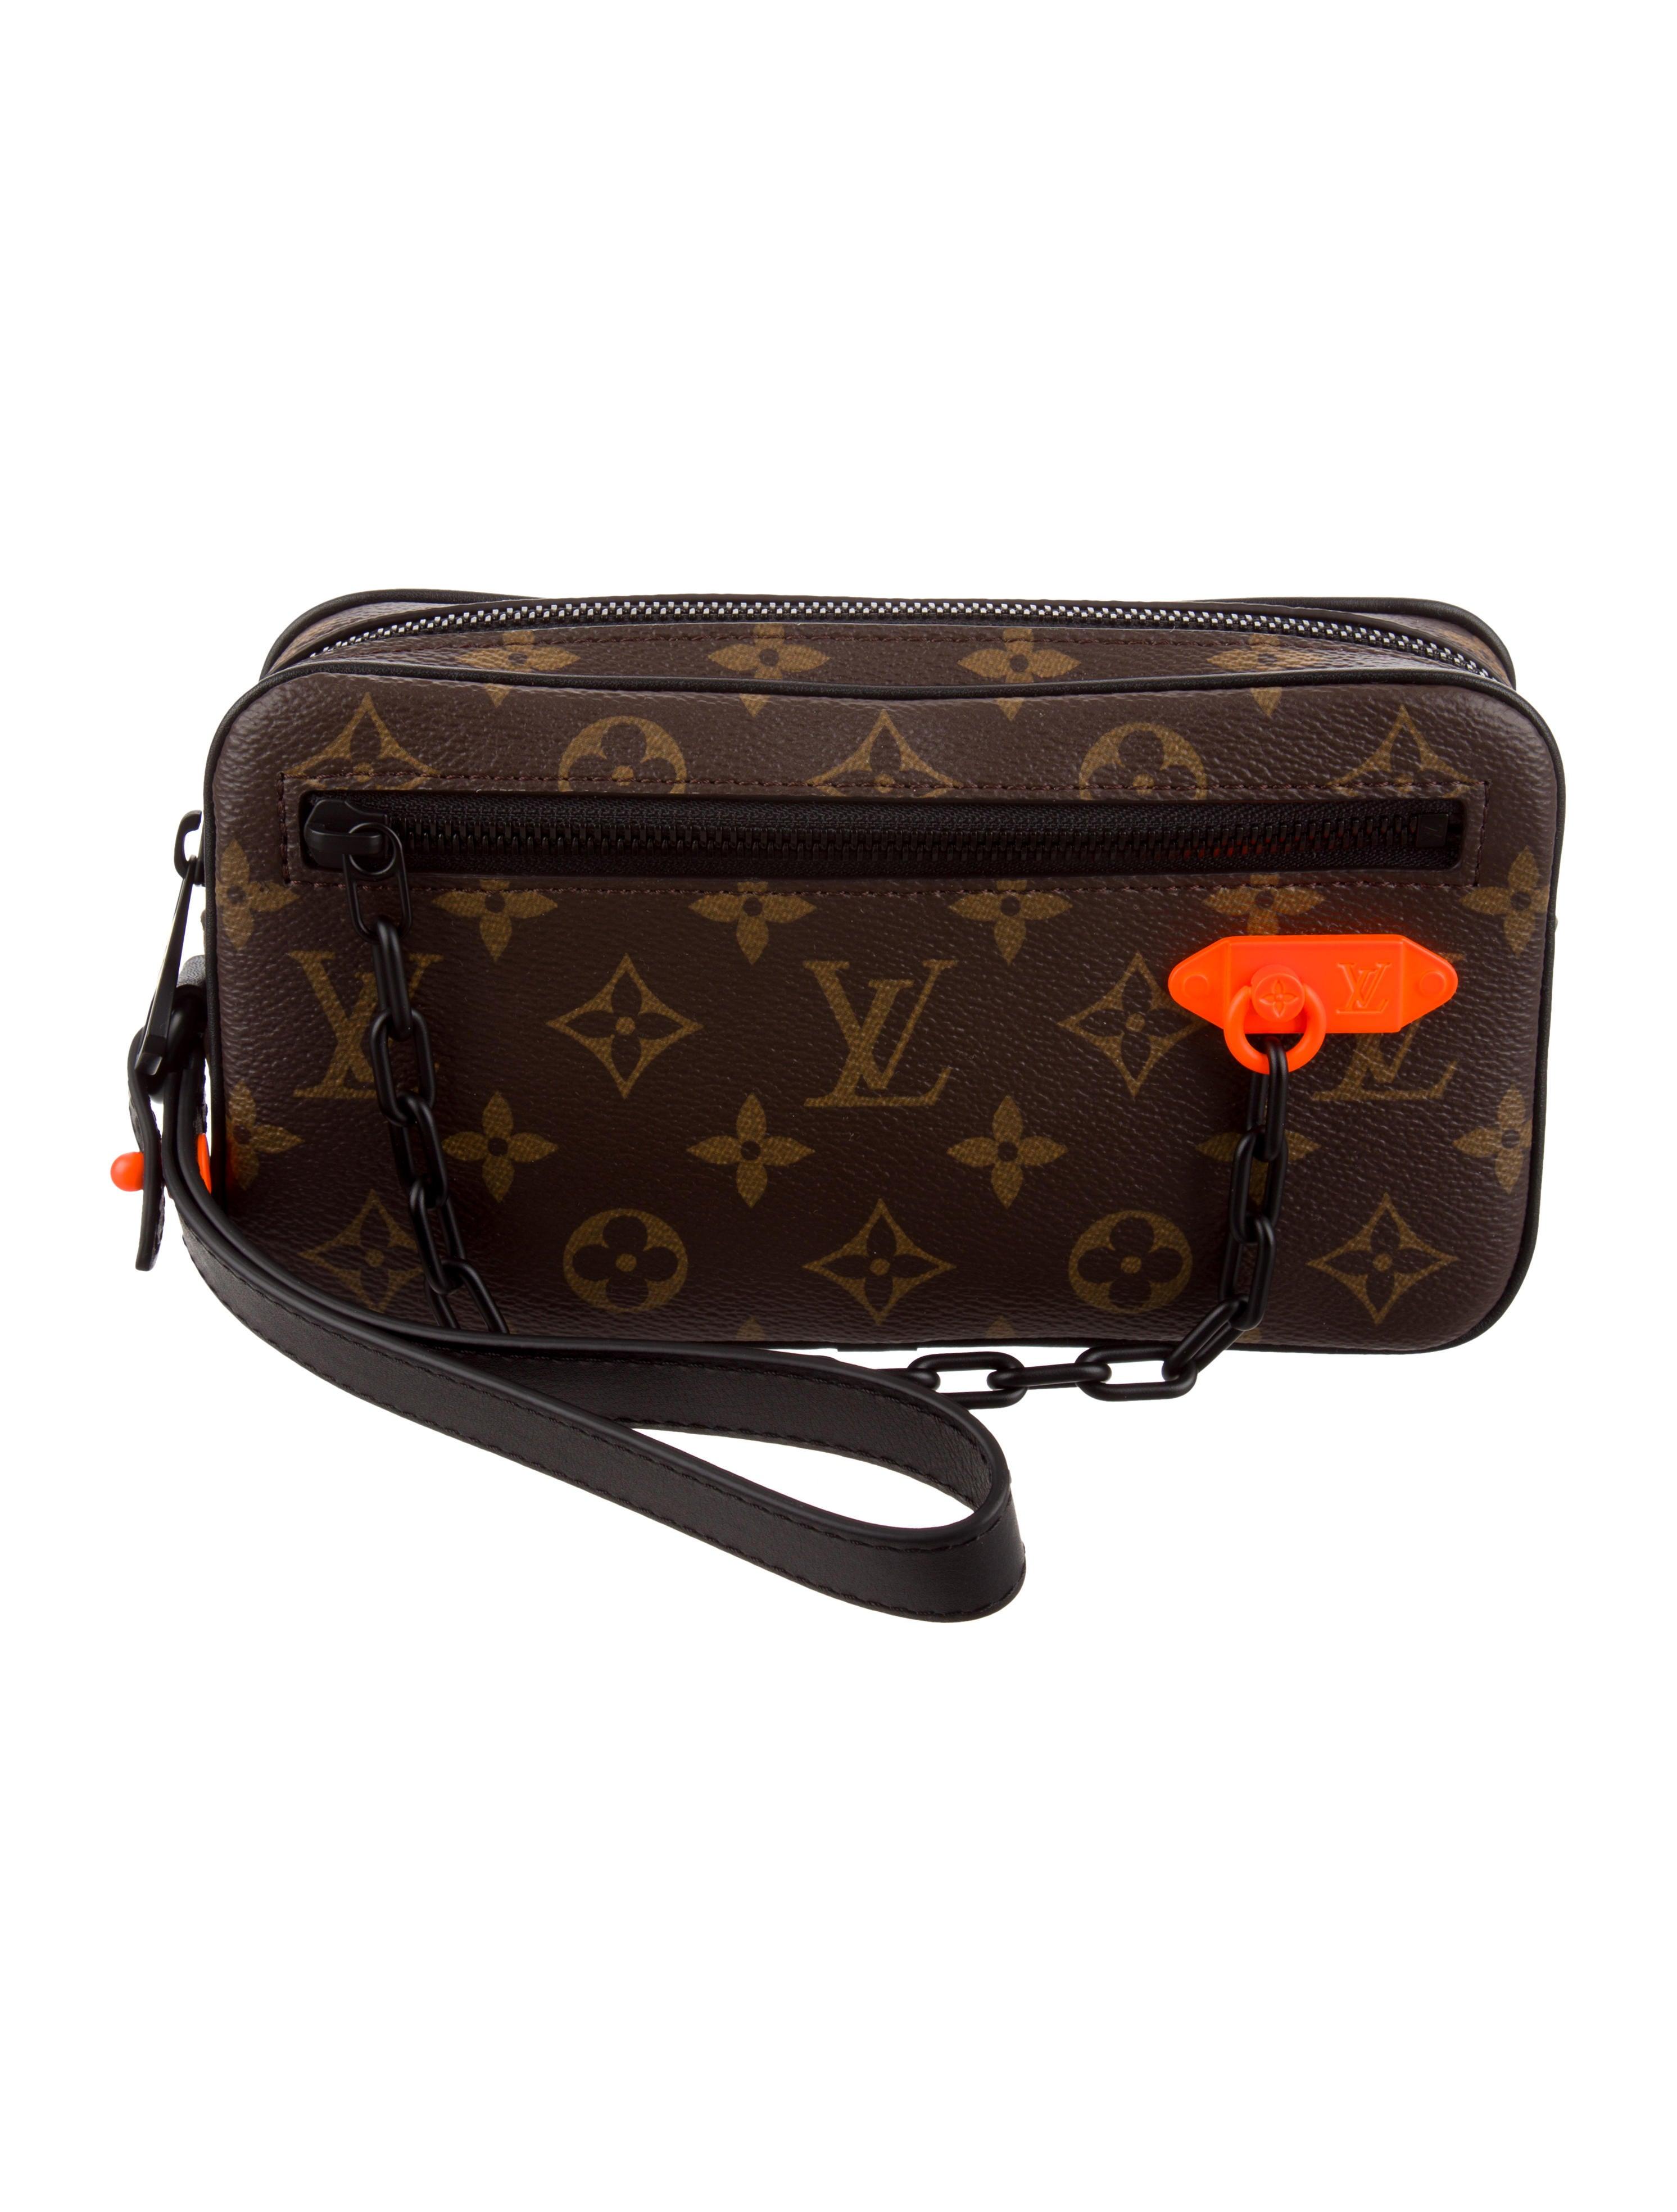 7de6a70e93 Louis Vuitton 2019 Monogram Pochette Volga - Bags - LOU198892   The ...